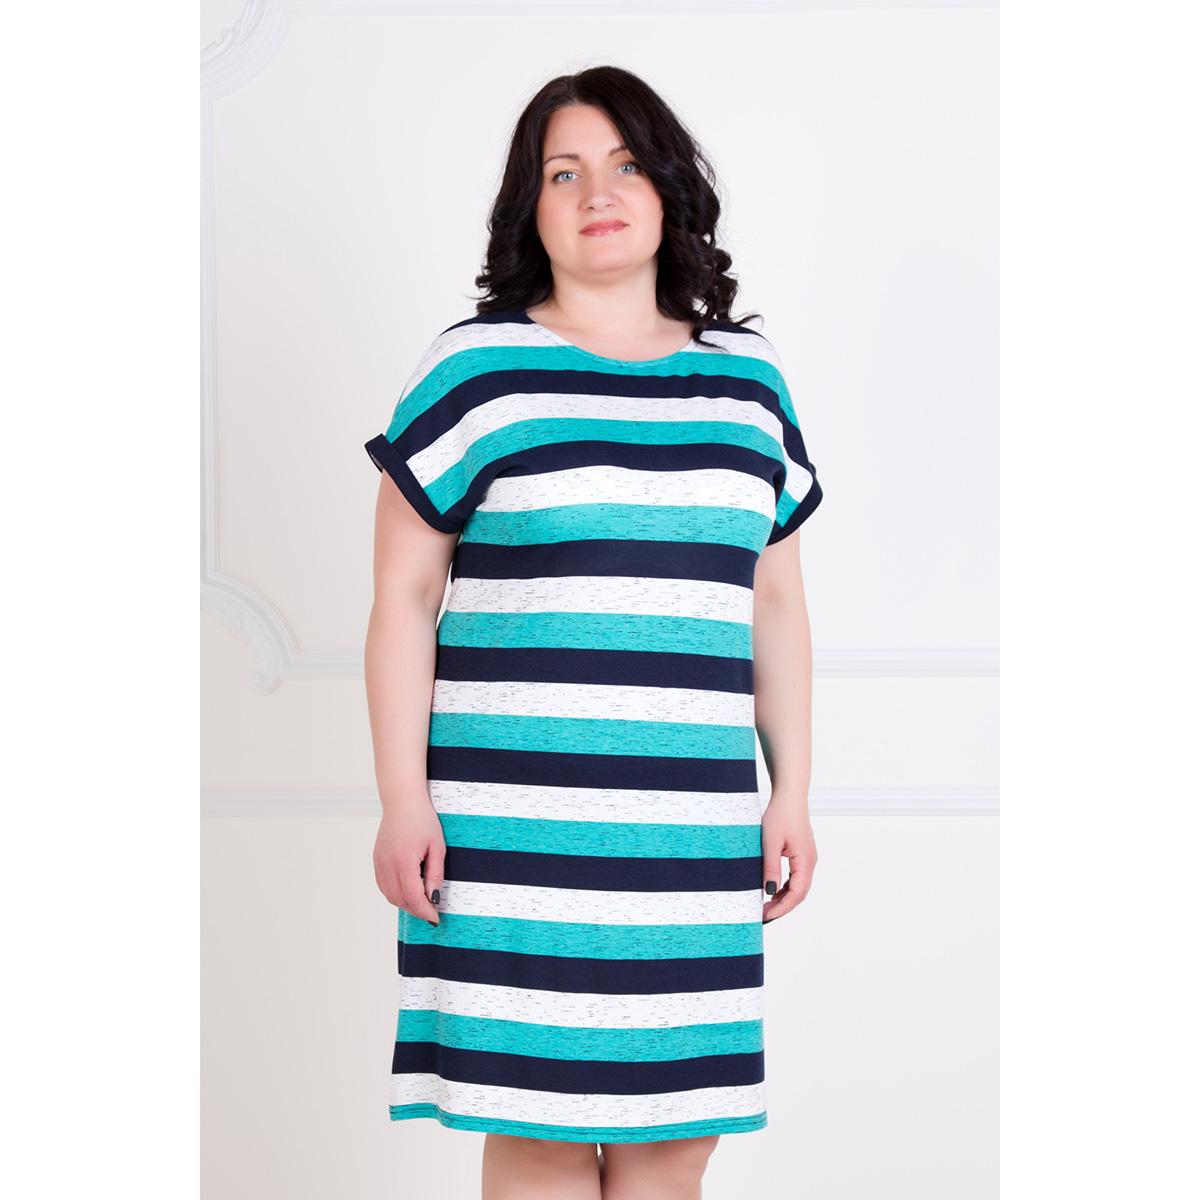 Жен. платье Ассоль р. 46Платья<br>Обхват груди:92 см<br>Обхват талии:74 см<br>Обхват бедер:100 см<br>Длина по спинке:86 см<br>Рост:167 см<br><br>Тип: Жен. платье<br>Размер: 46<br>Материал: Вискоза